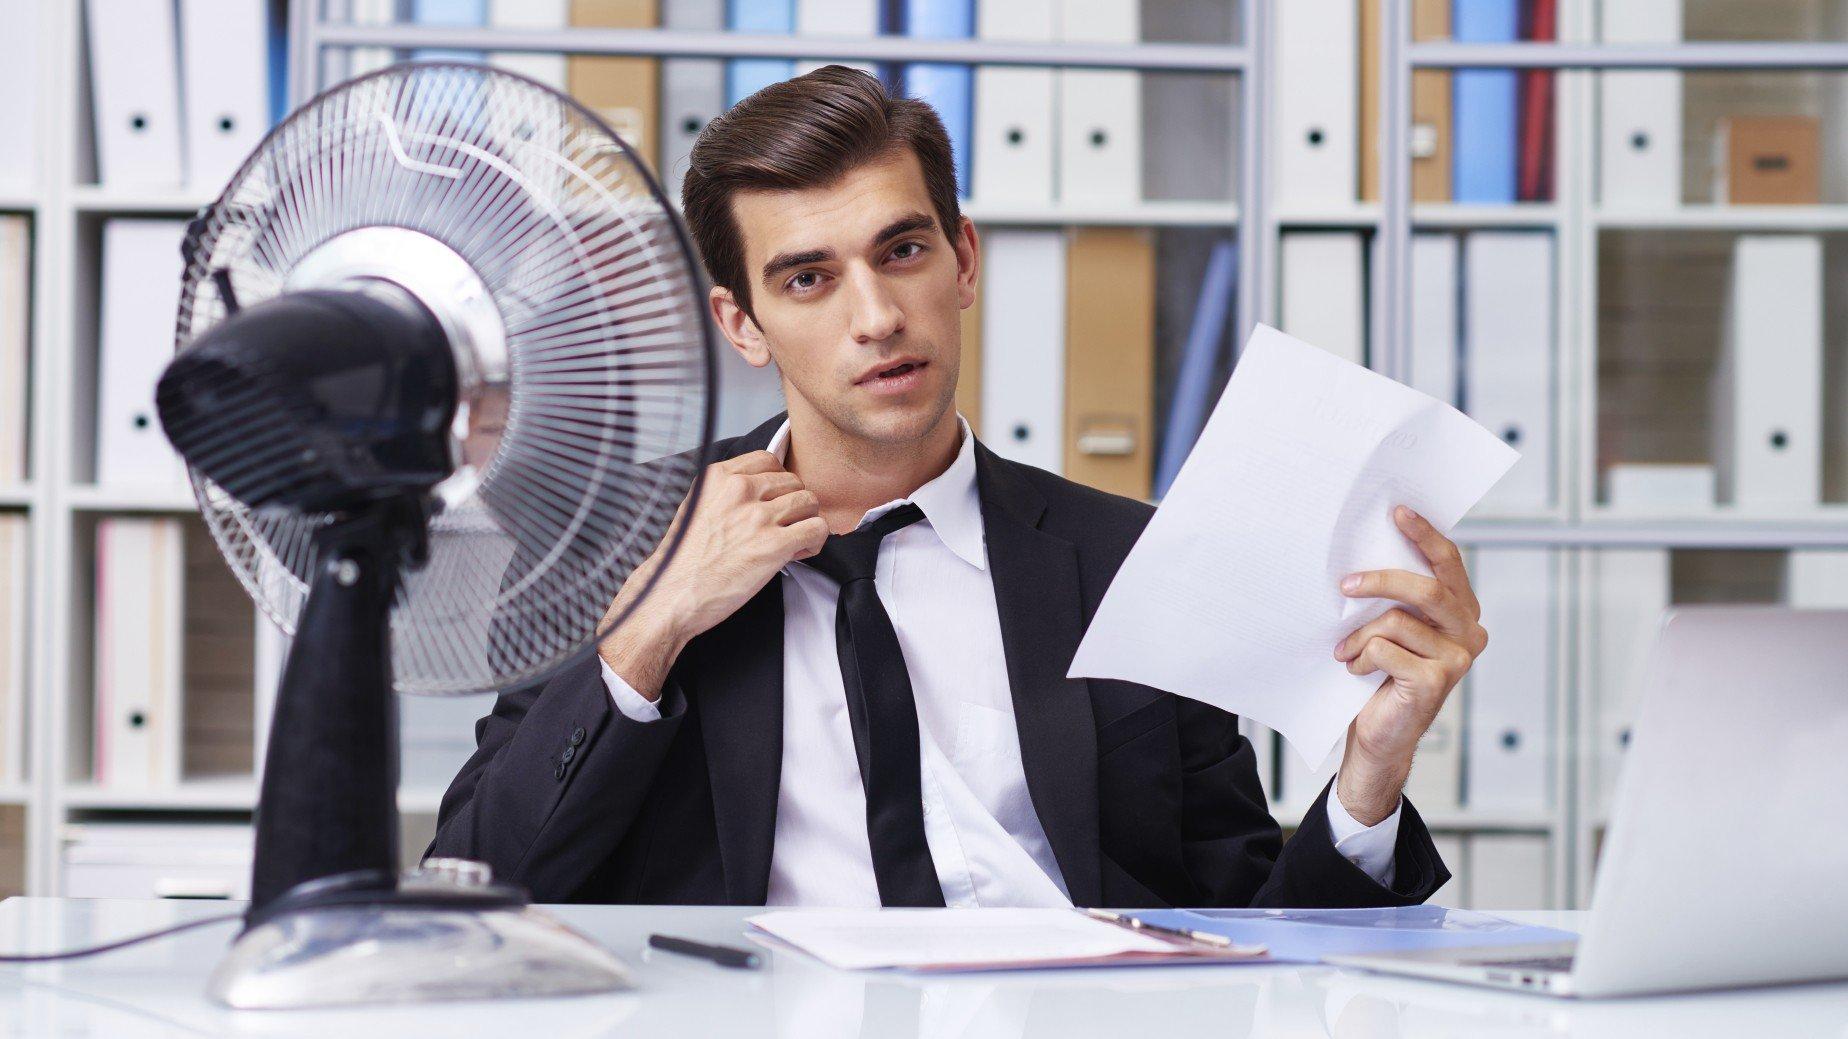 Hitze-Dresscode im Büro.jpg